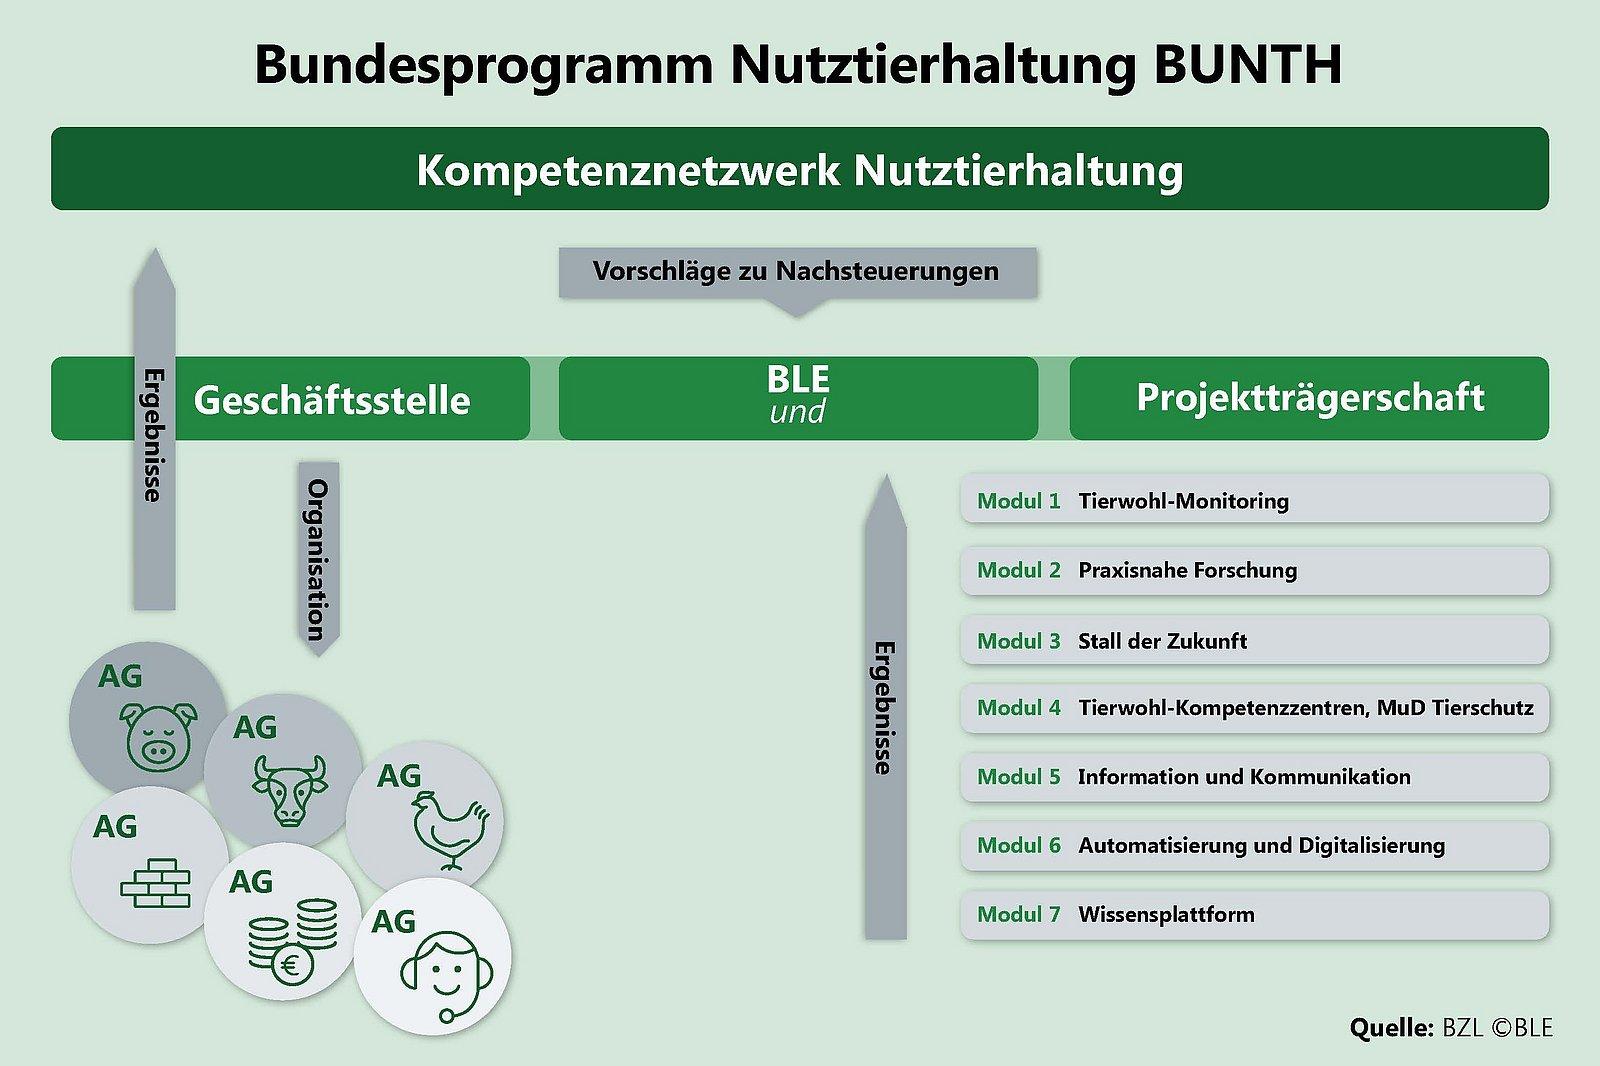 Bundesprogramm Nutztierhaltung